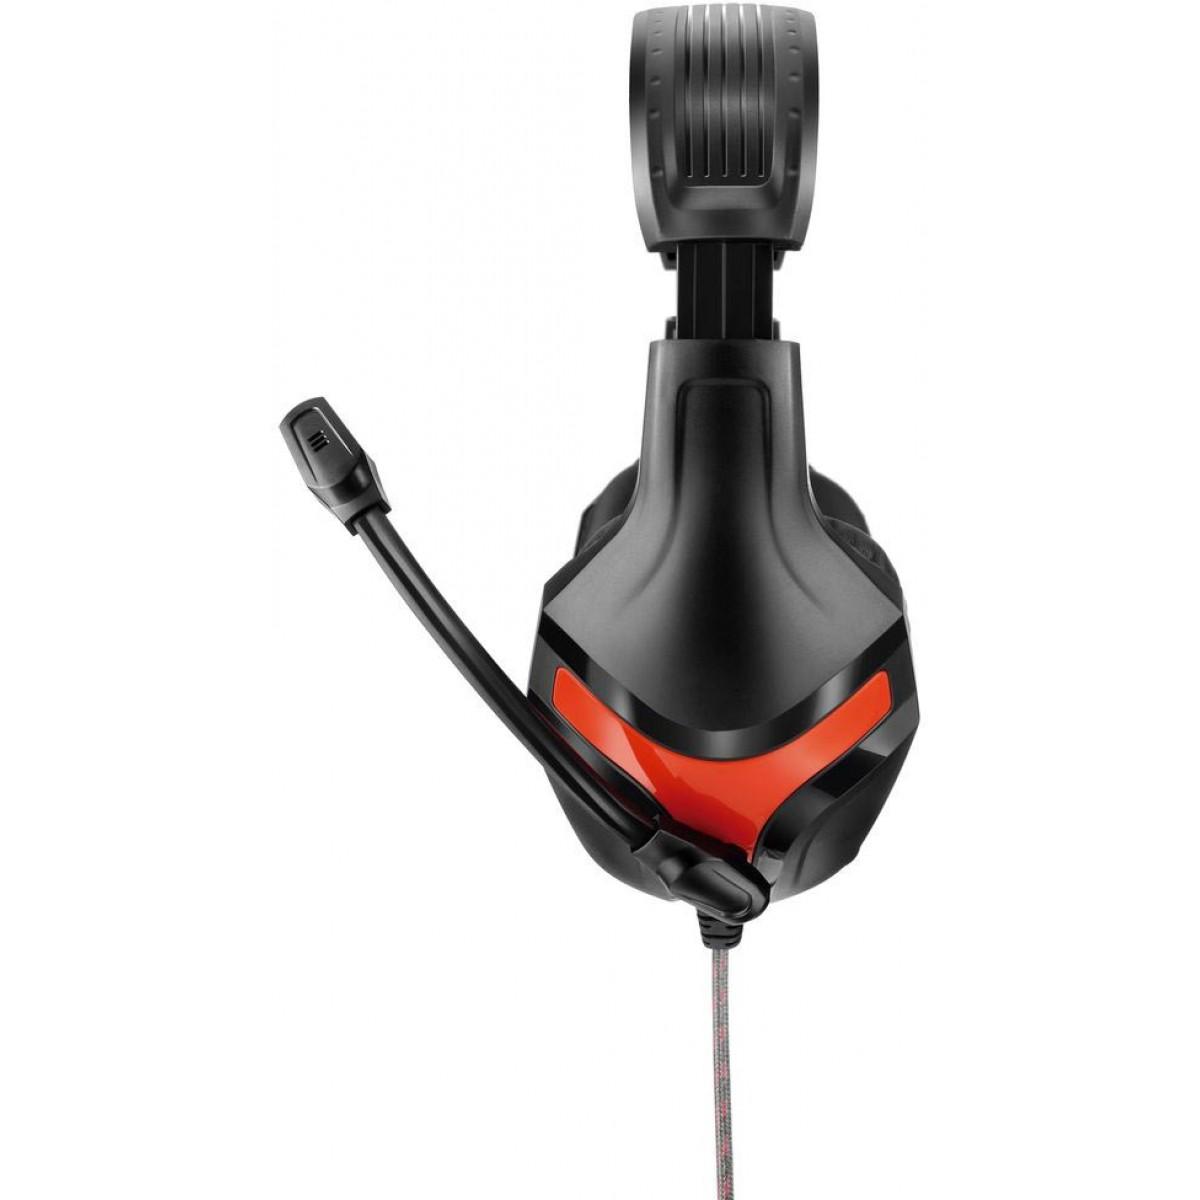 Headset Gamer Warrior Harve Stereo, Preto/Vermelho, PH101